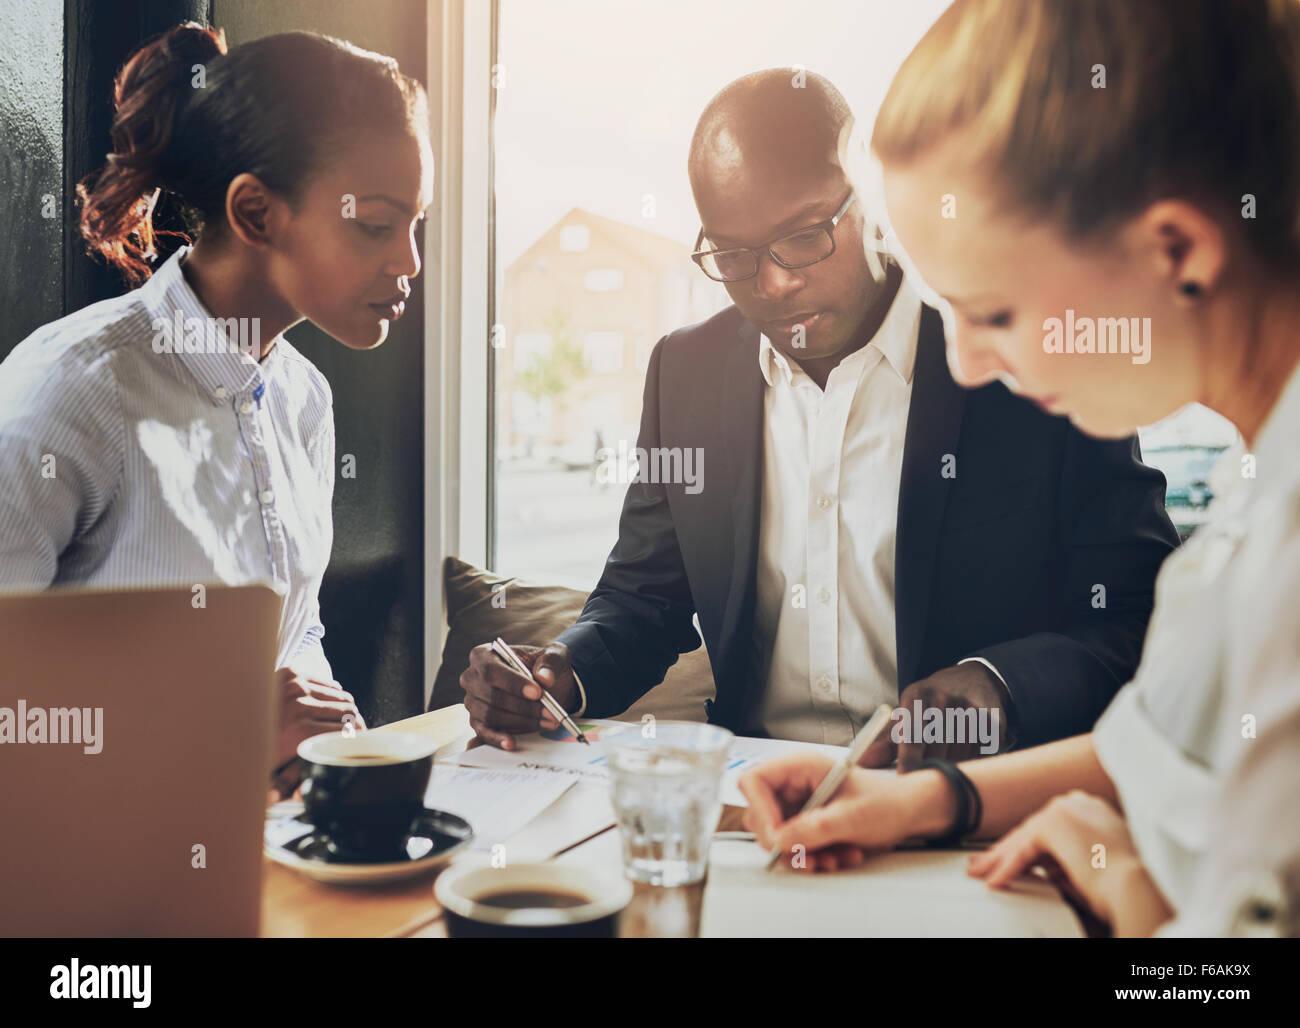 Groupe de gens d'affaires graves, de groupe ethnique, de multiples affaires, entrepreneur, concept de démarrage Banque D'Images